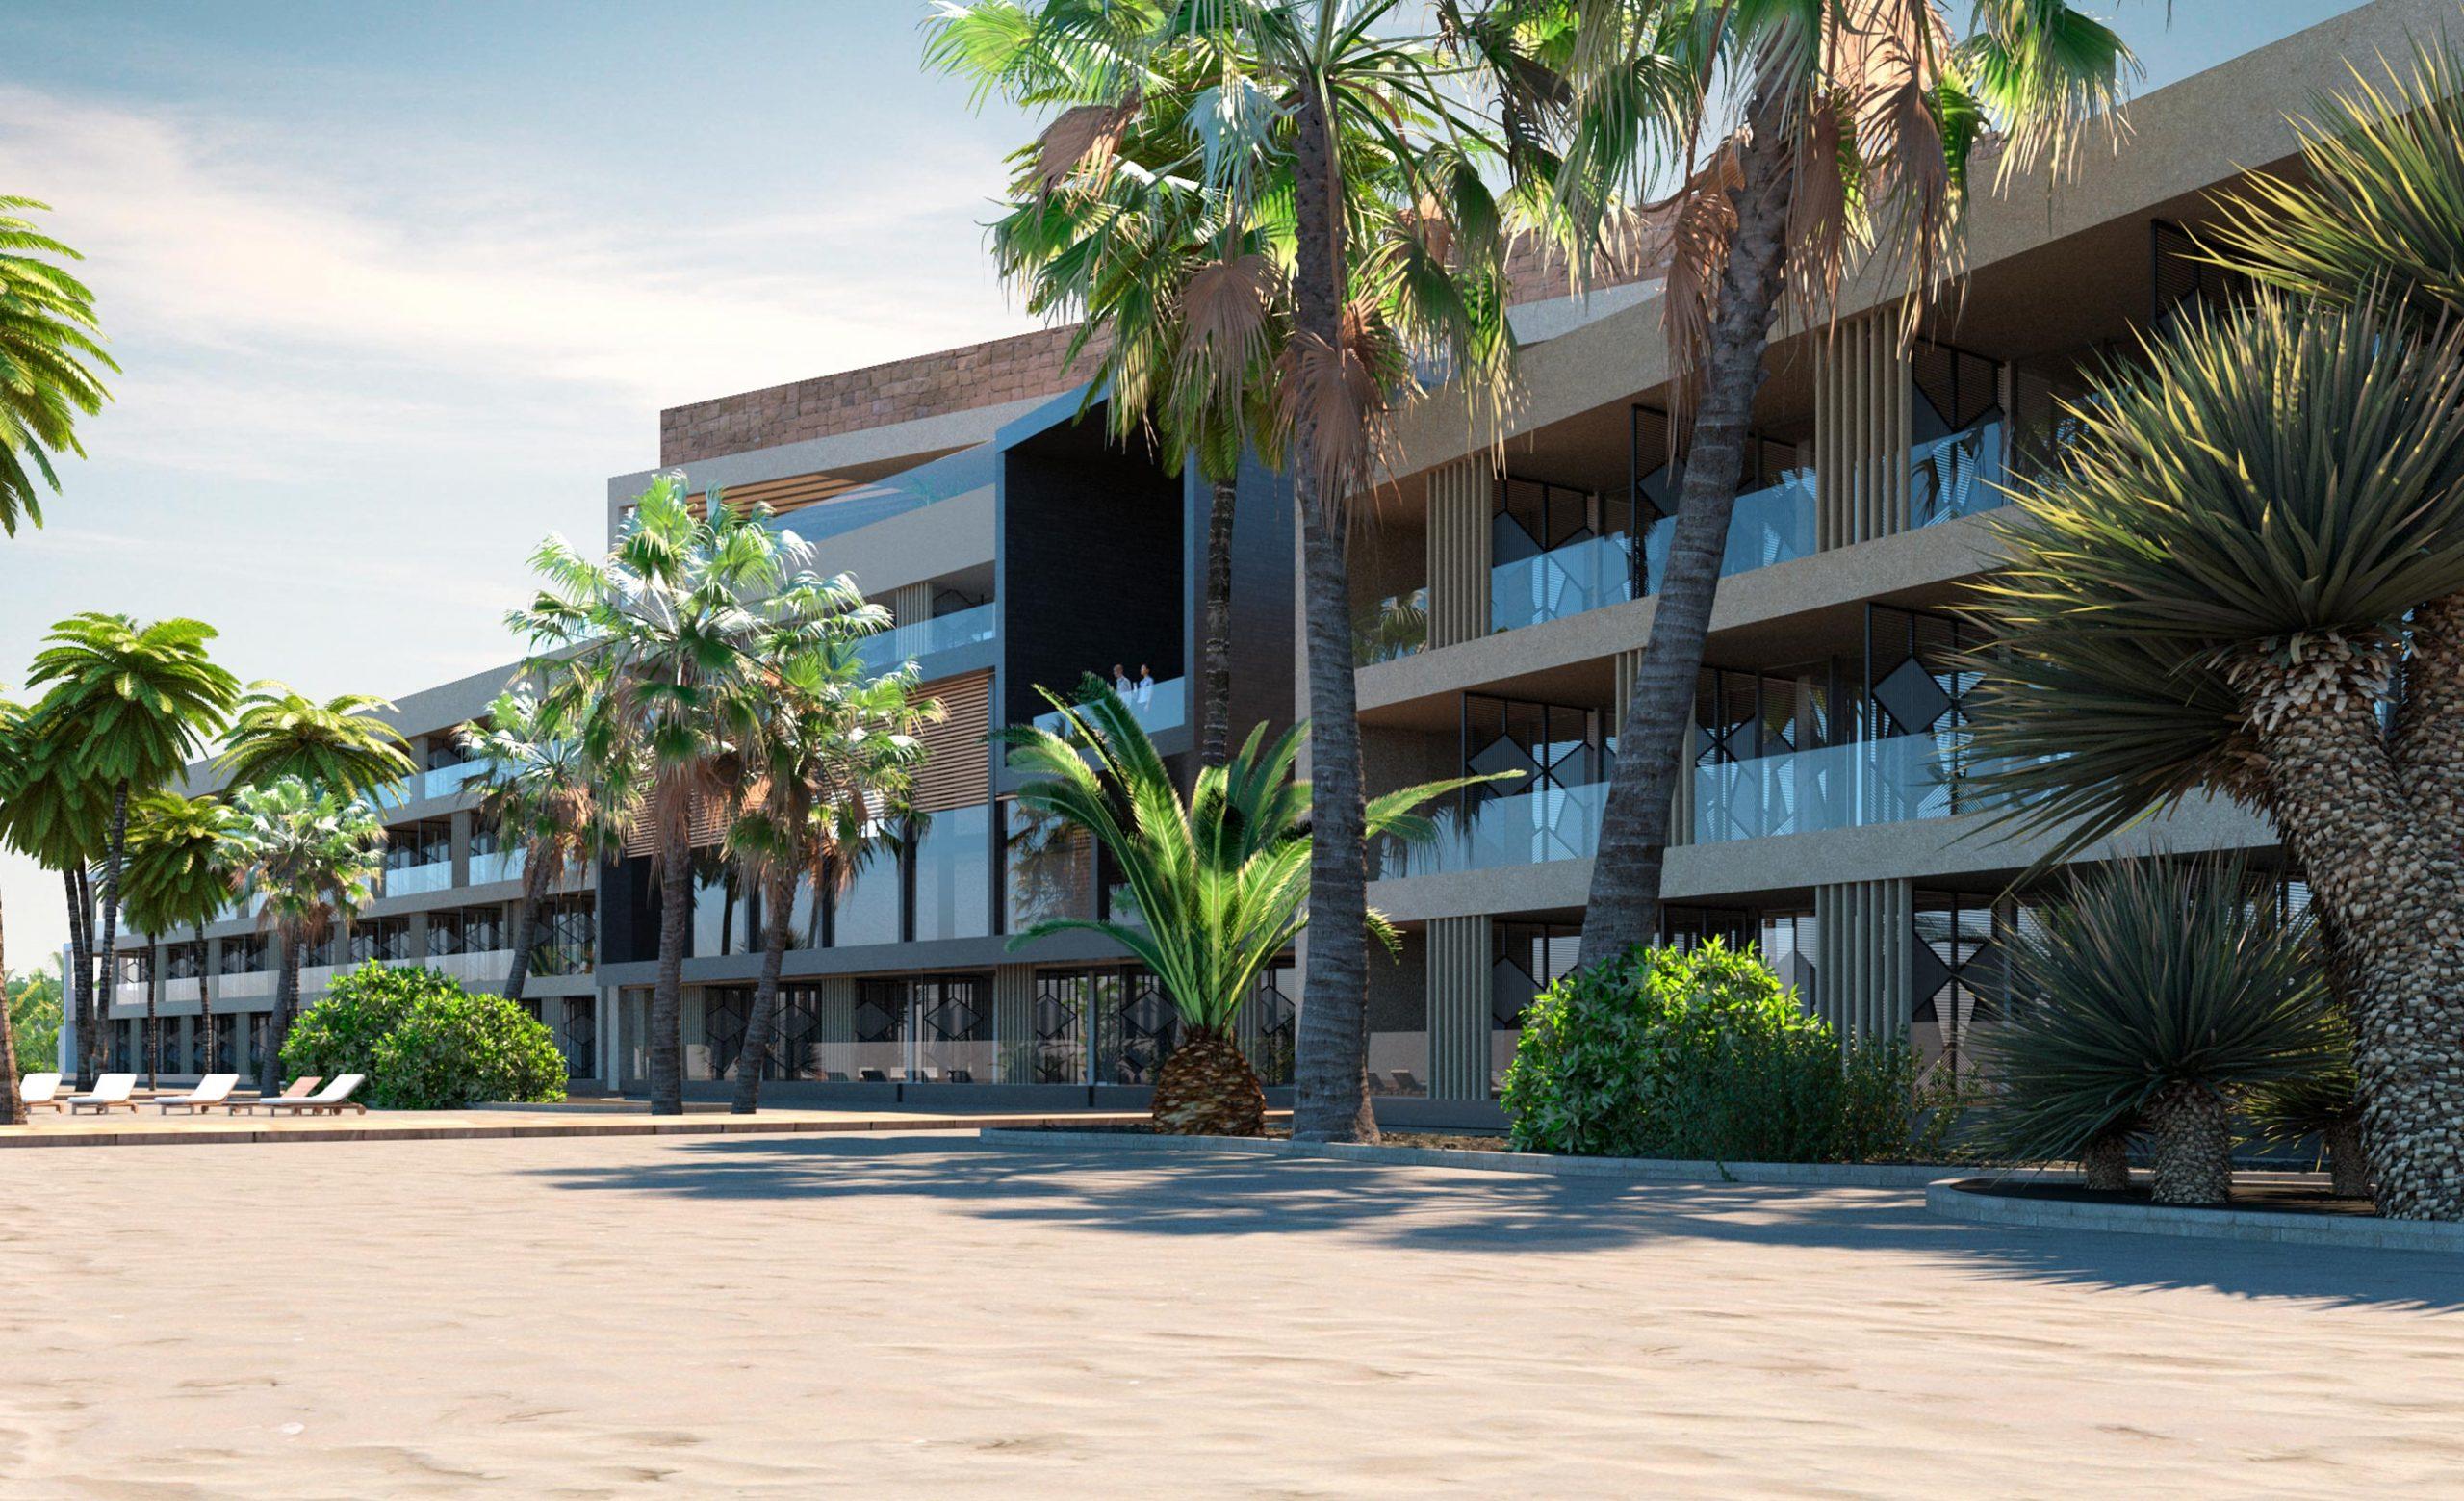 Top Arquitectura: Estudio Lamela crea proyectos lujuosos y poderosos top arquitectura Top Arquitectura: Estudio Lamela crea proyectos lujuosos y poderosos Featured 1 scaled